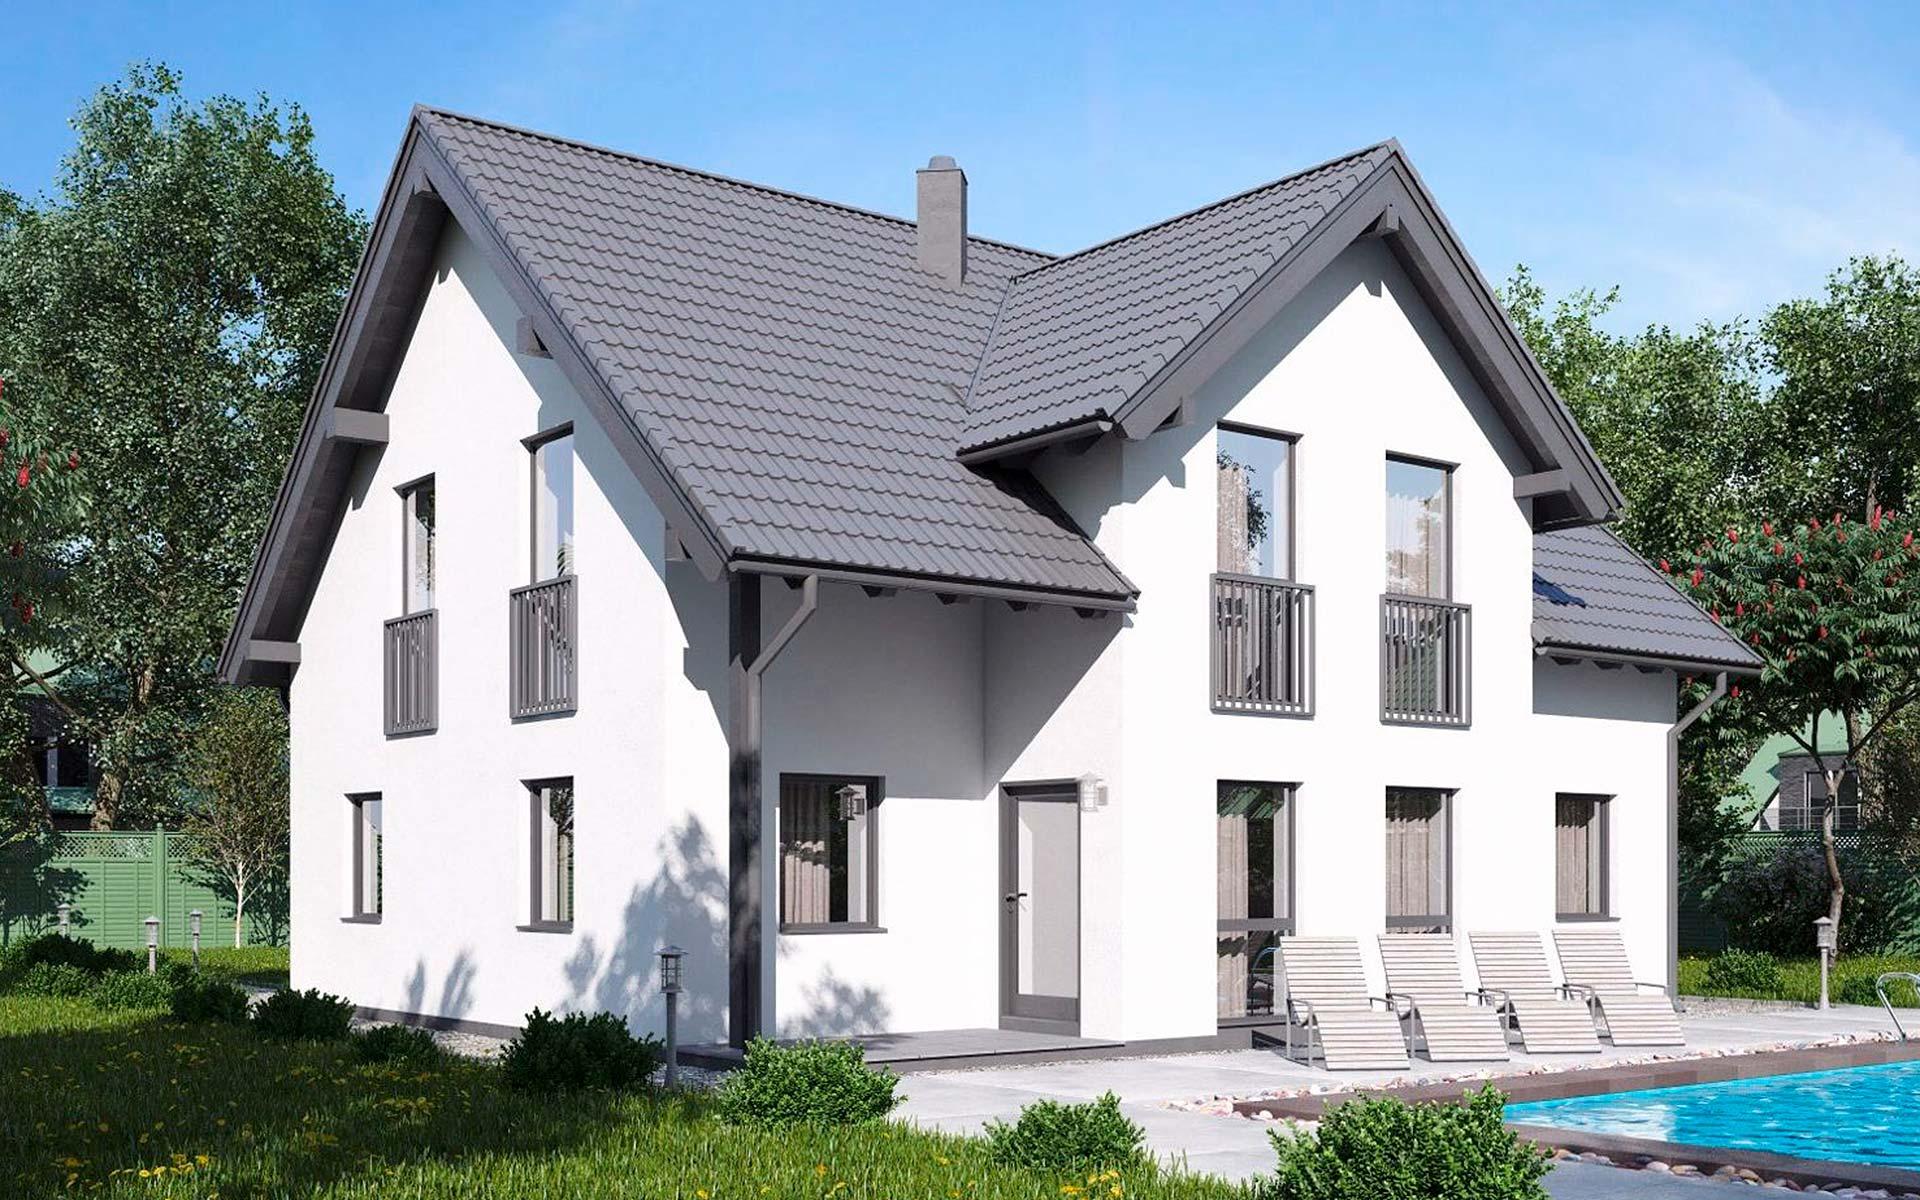 Einfamilienhaus BS 142 von B&S Selbstbausysteme GmbH & Co. KG